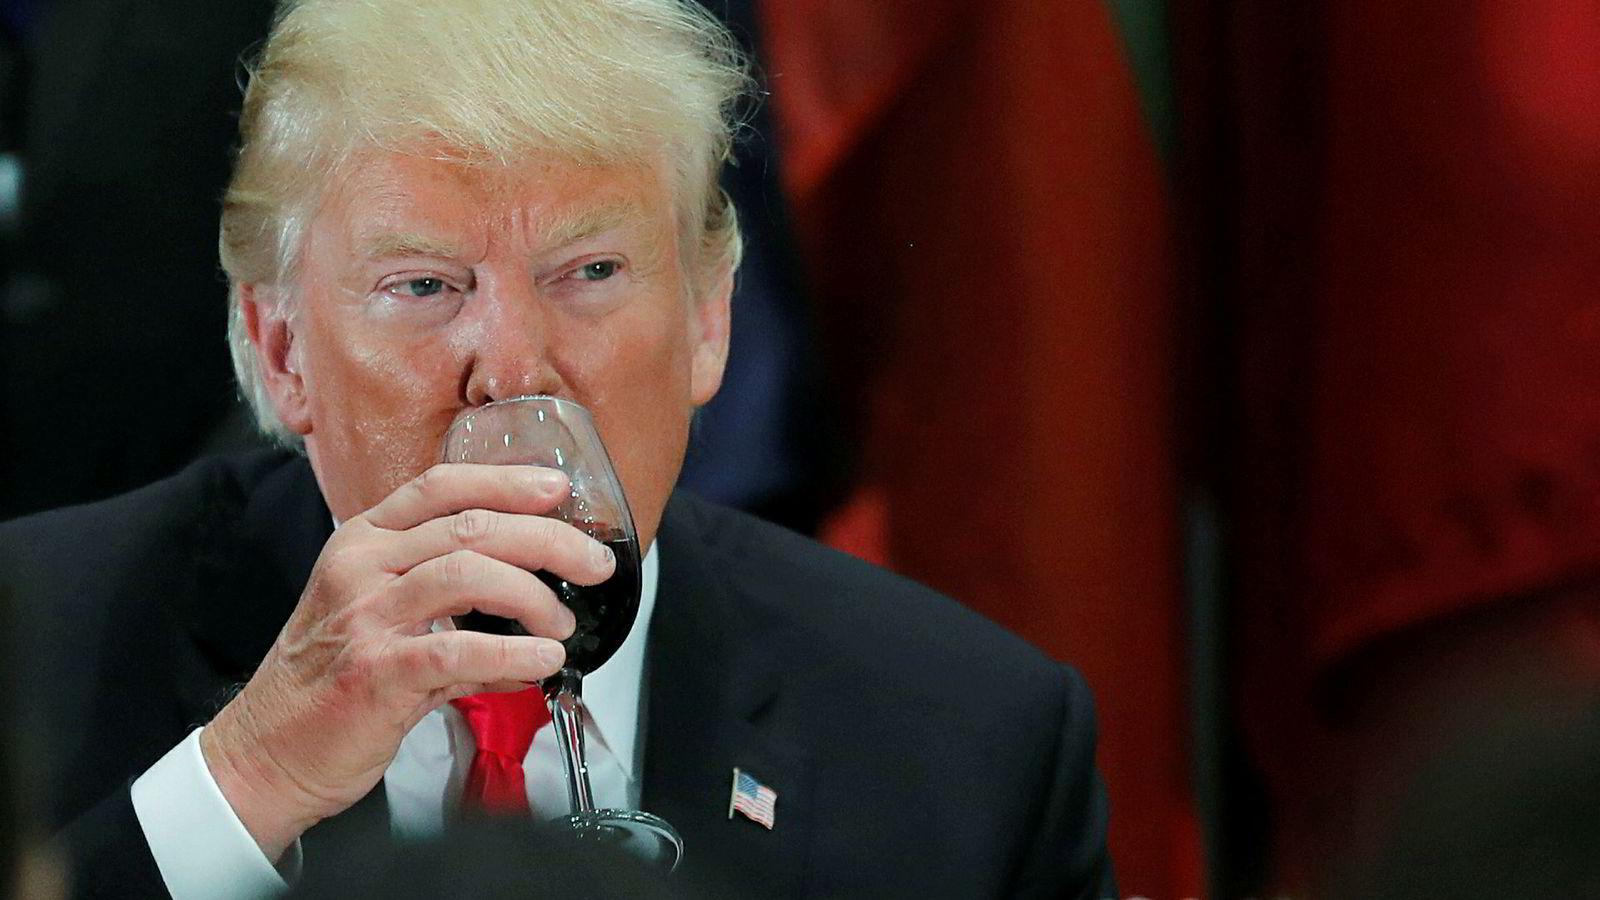 USAs president Donald Trump er misfornøyd med Frankrikes skattelegging av amerikanske nettselskaper, og svarer med å true om toll på fransk vin. Her fra en FN-samling i september i fjor hvor han drikker Cola Light fra et vinglass.